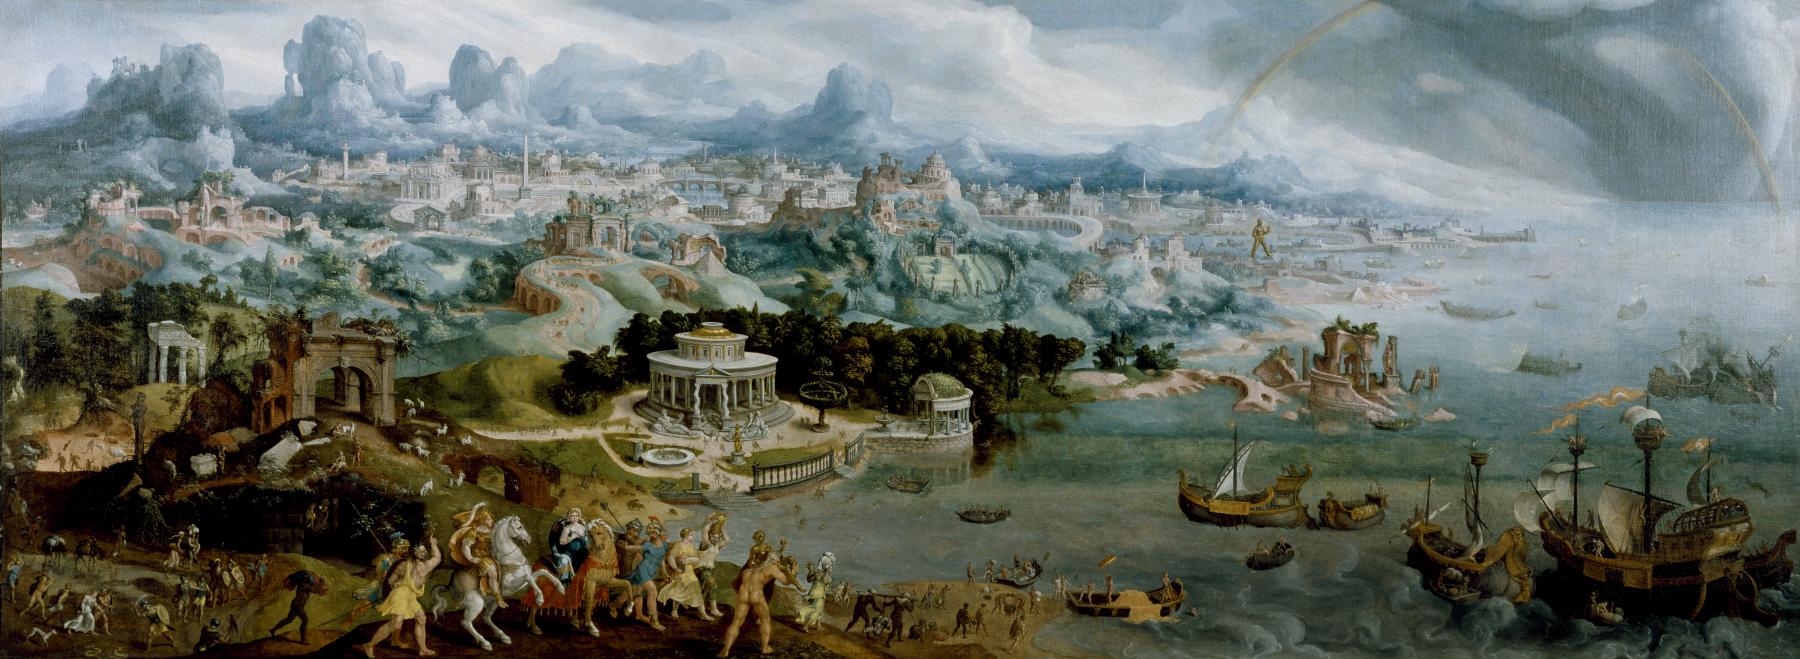 Panoramic Painting By Maerten van Heemskerck